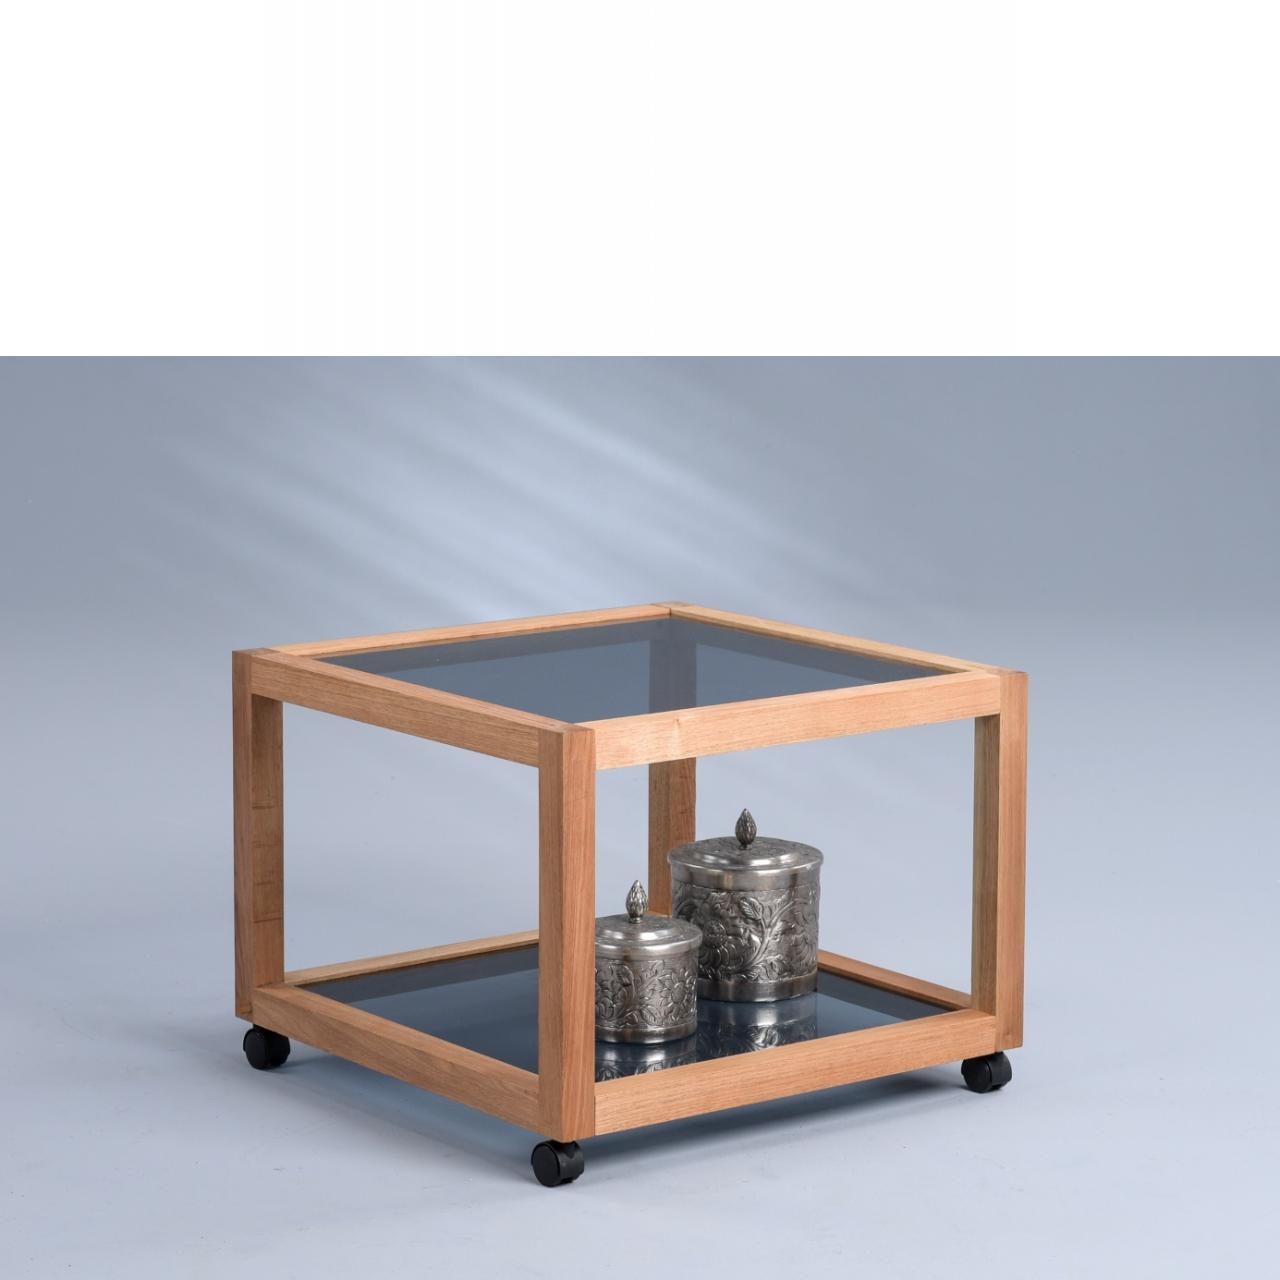 Couchtisch Manila 2 auf Rollen 60x60 cm Glas Massivholz Walnuss